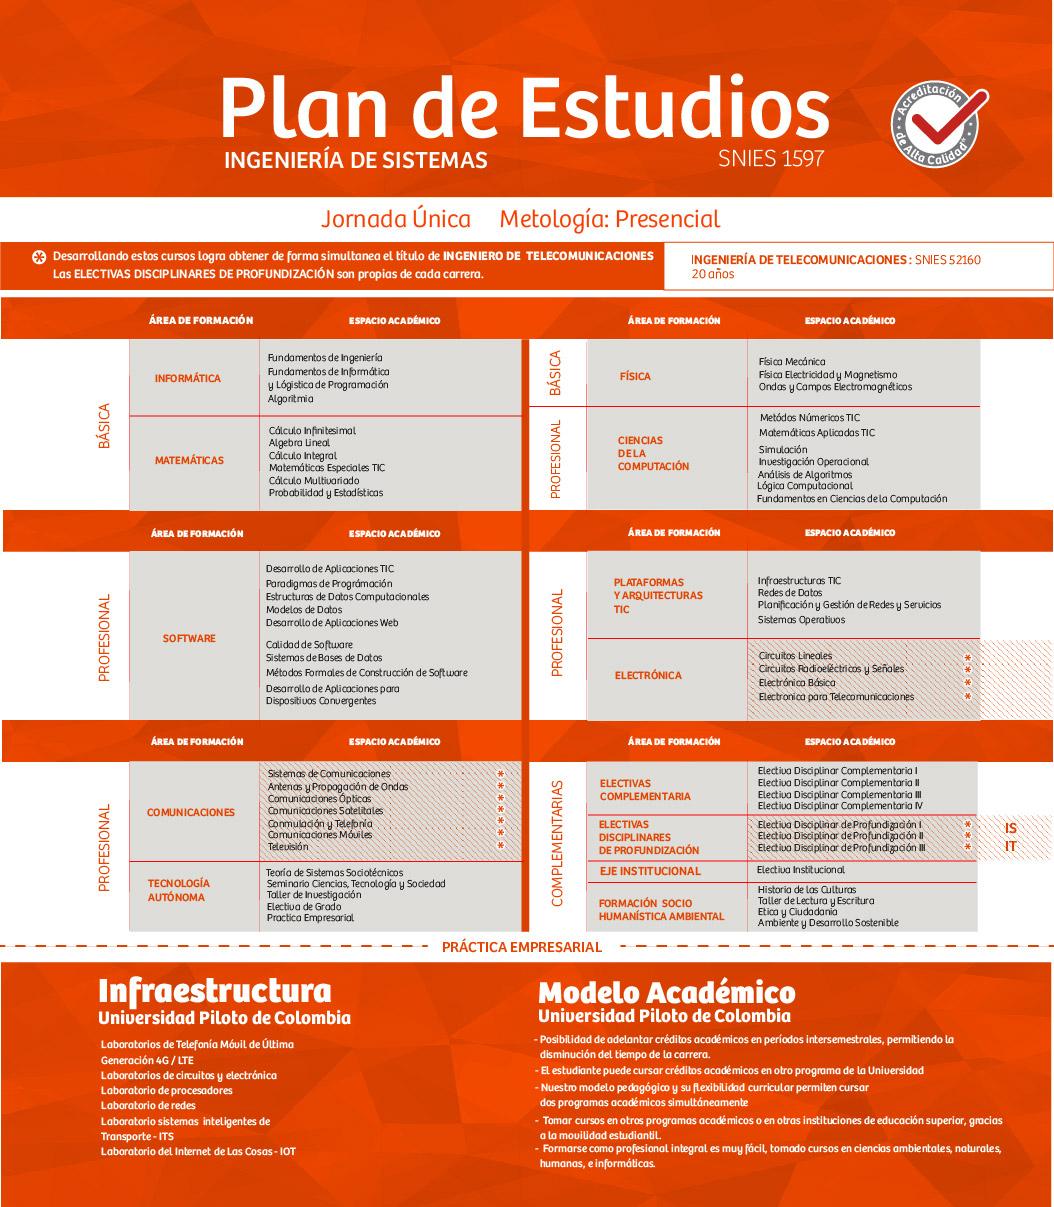 Plan de Estudios Ing de Sistemas